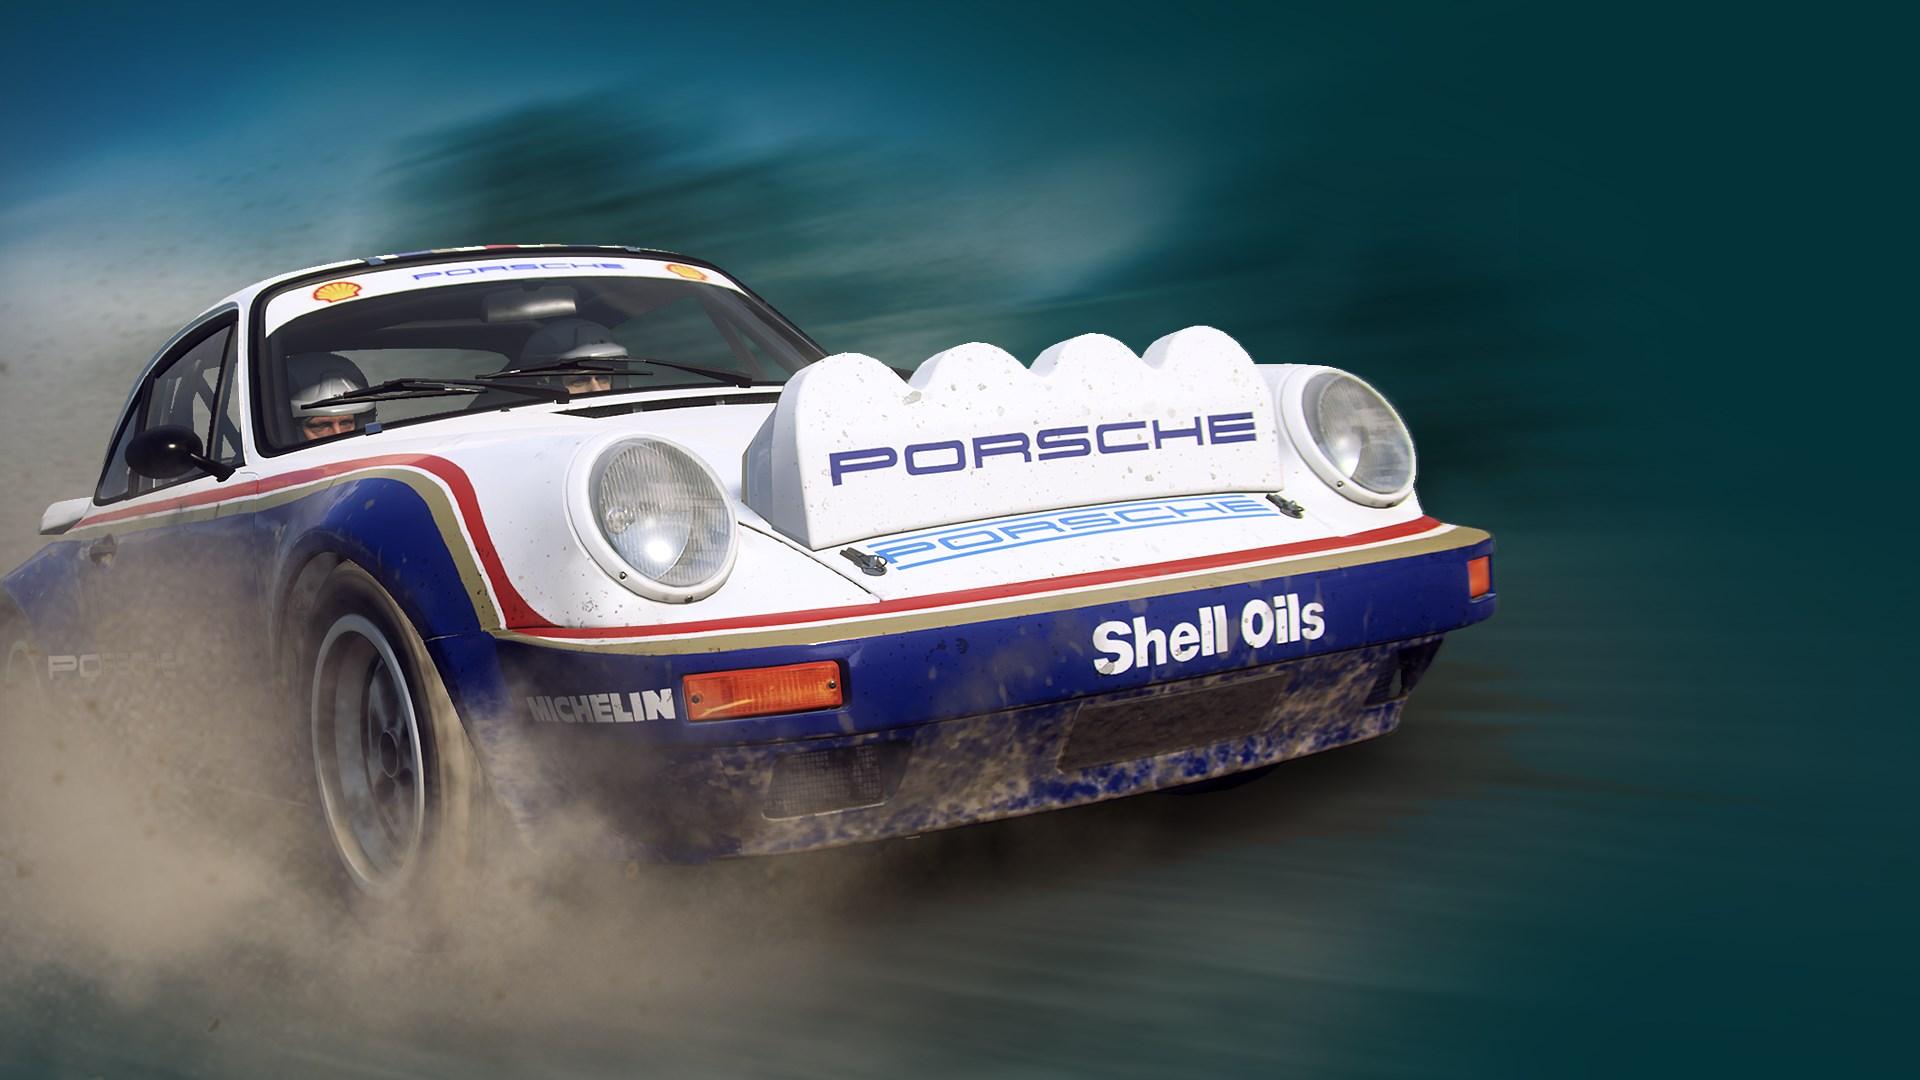 WS - Porsche 911 SC RS